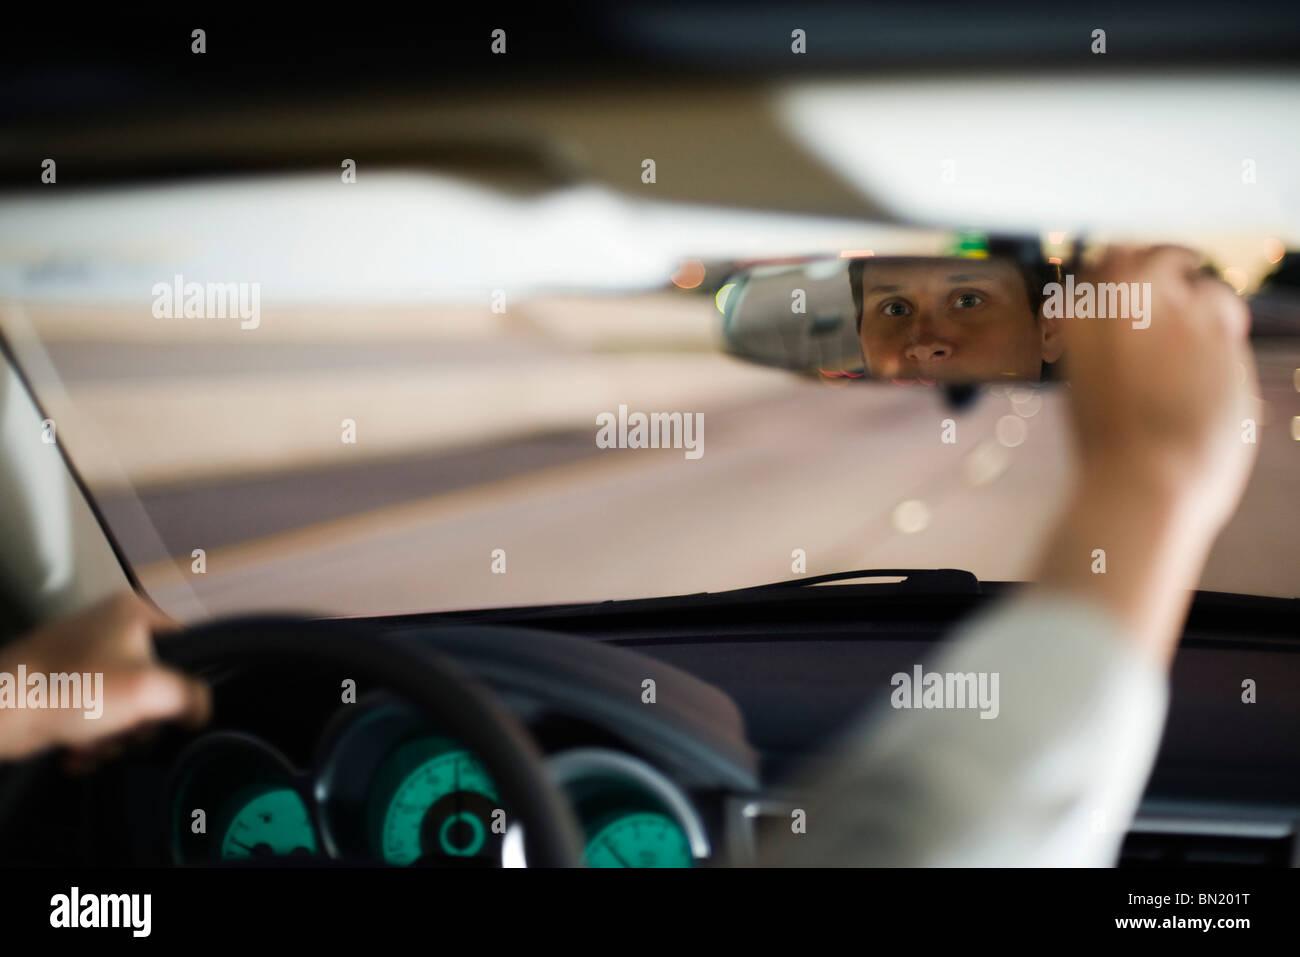 Autista Guida regolazione specchietto retrovisore Immagini Stock